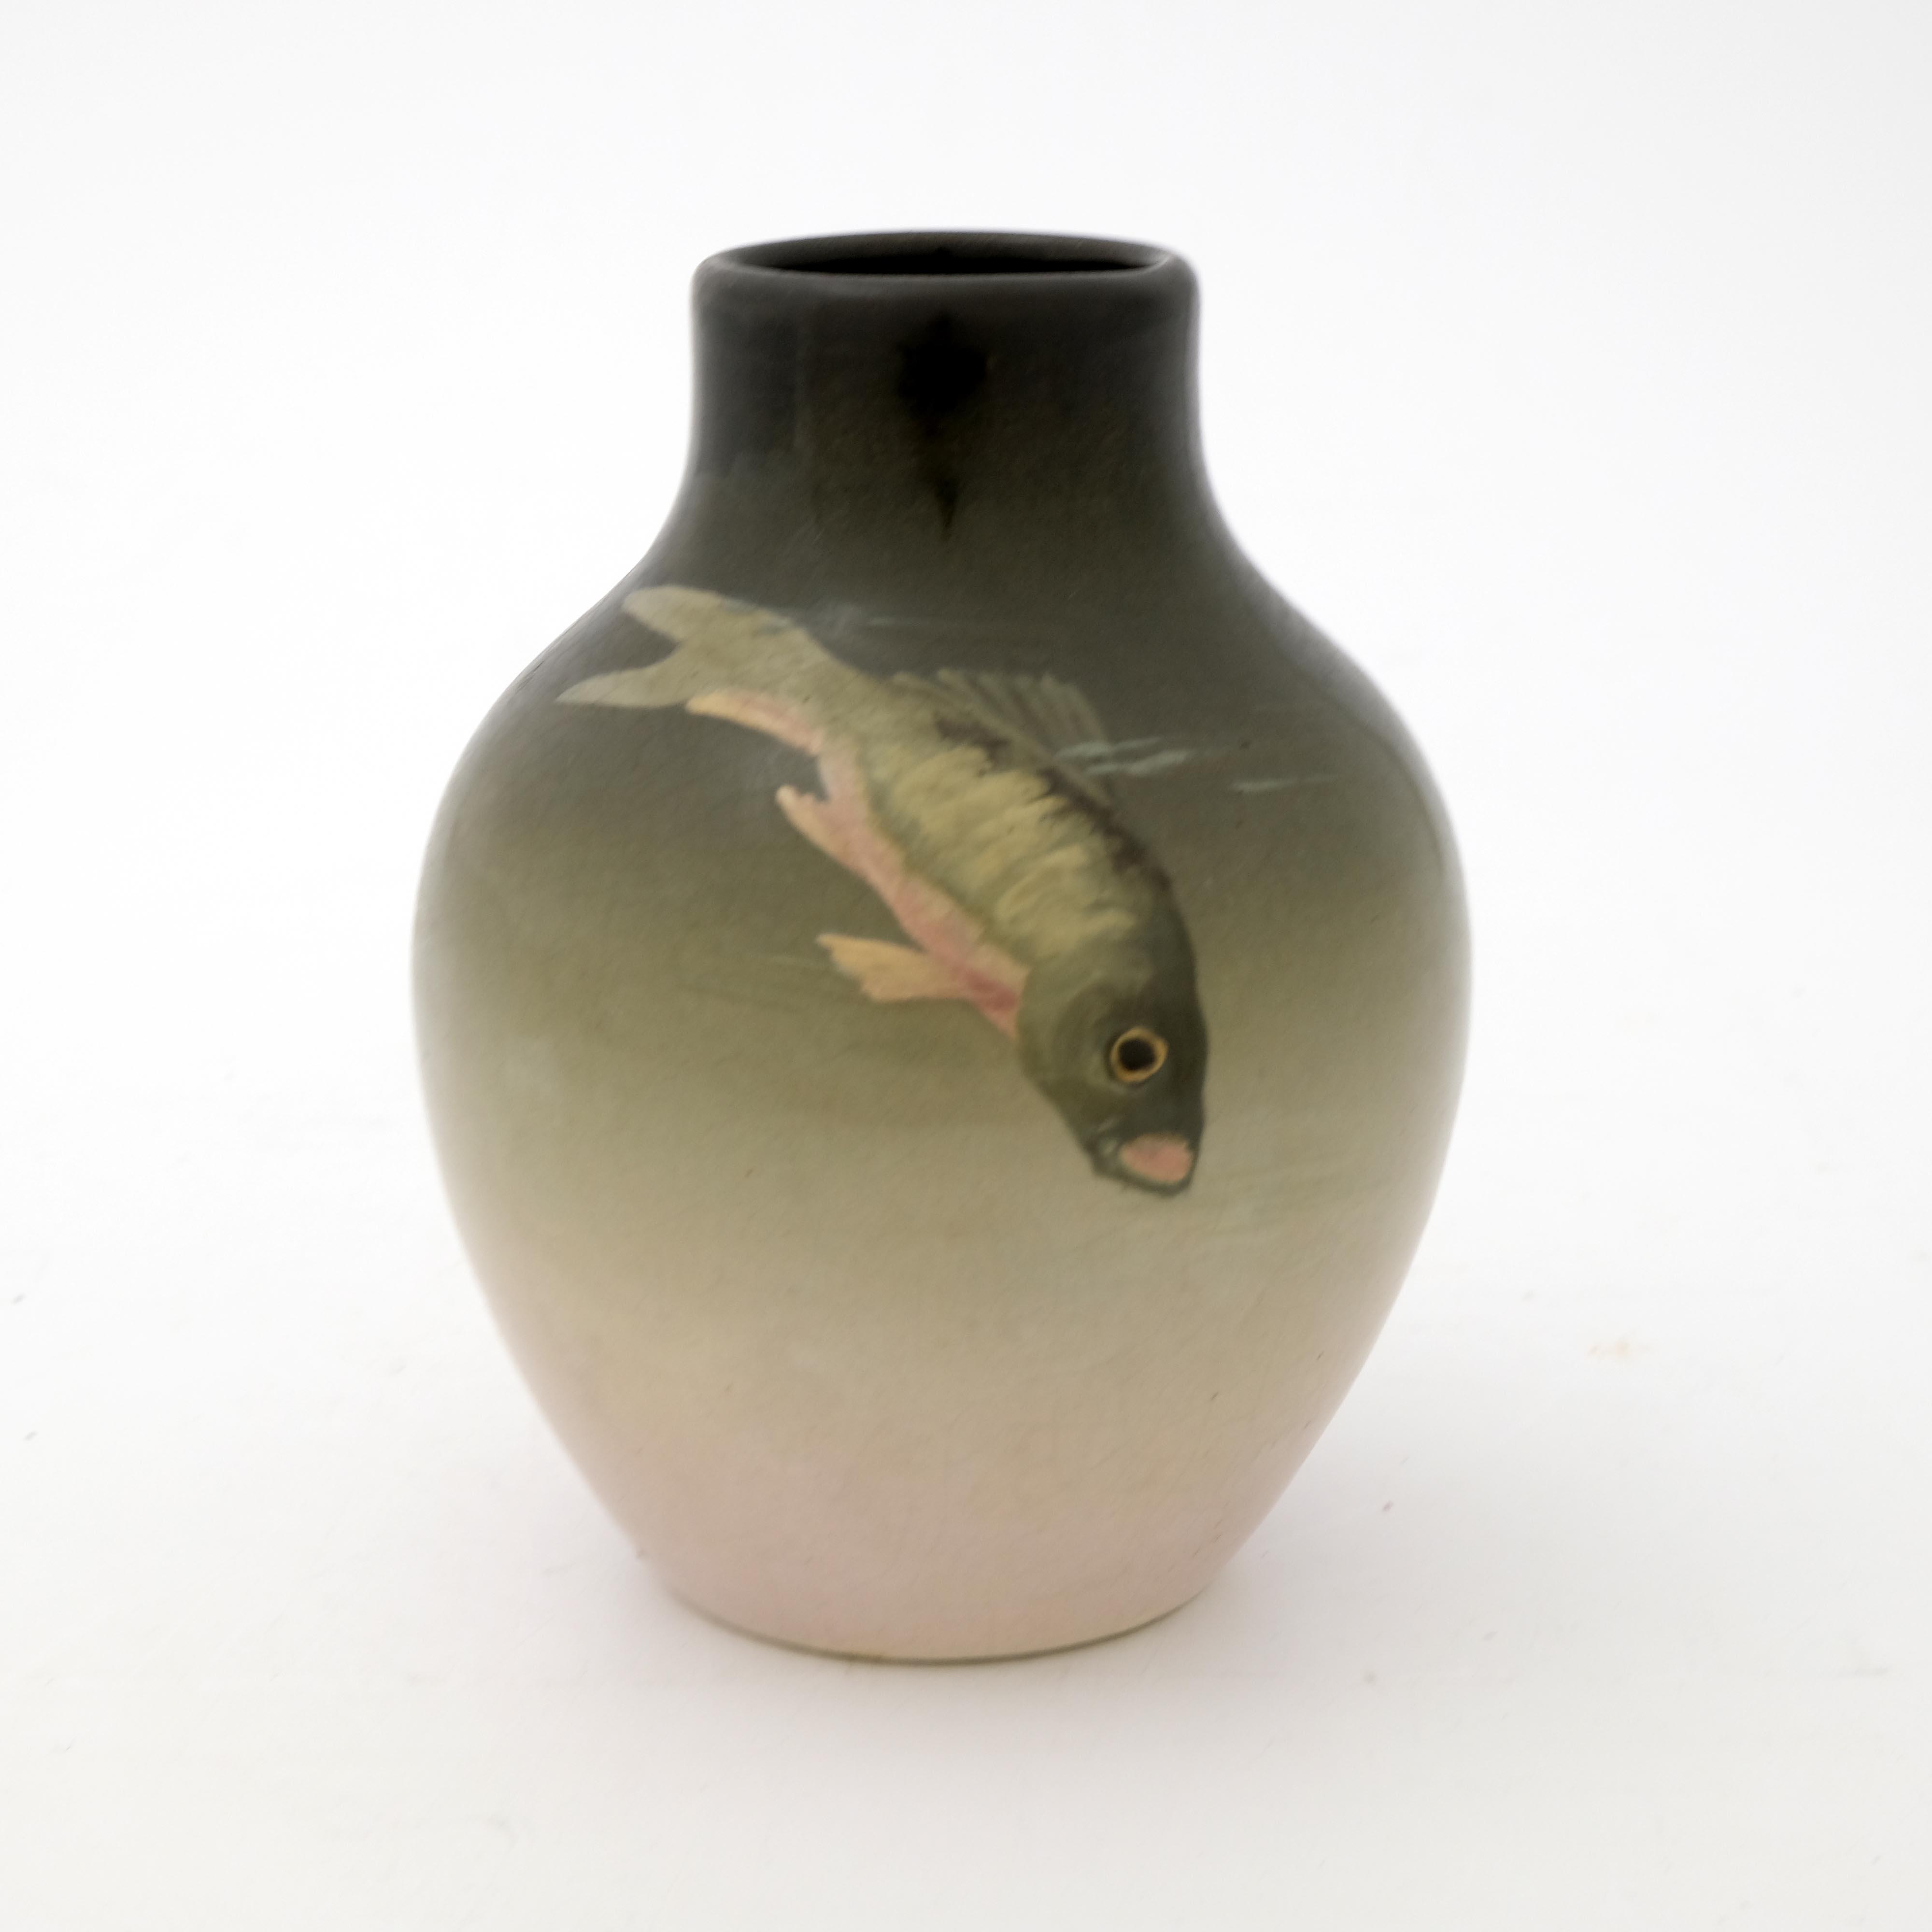 Weller Pottery, an Eocean ware vase